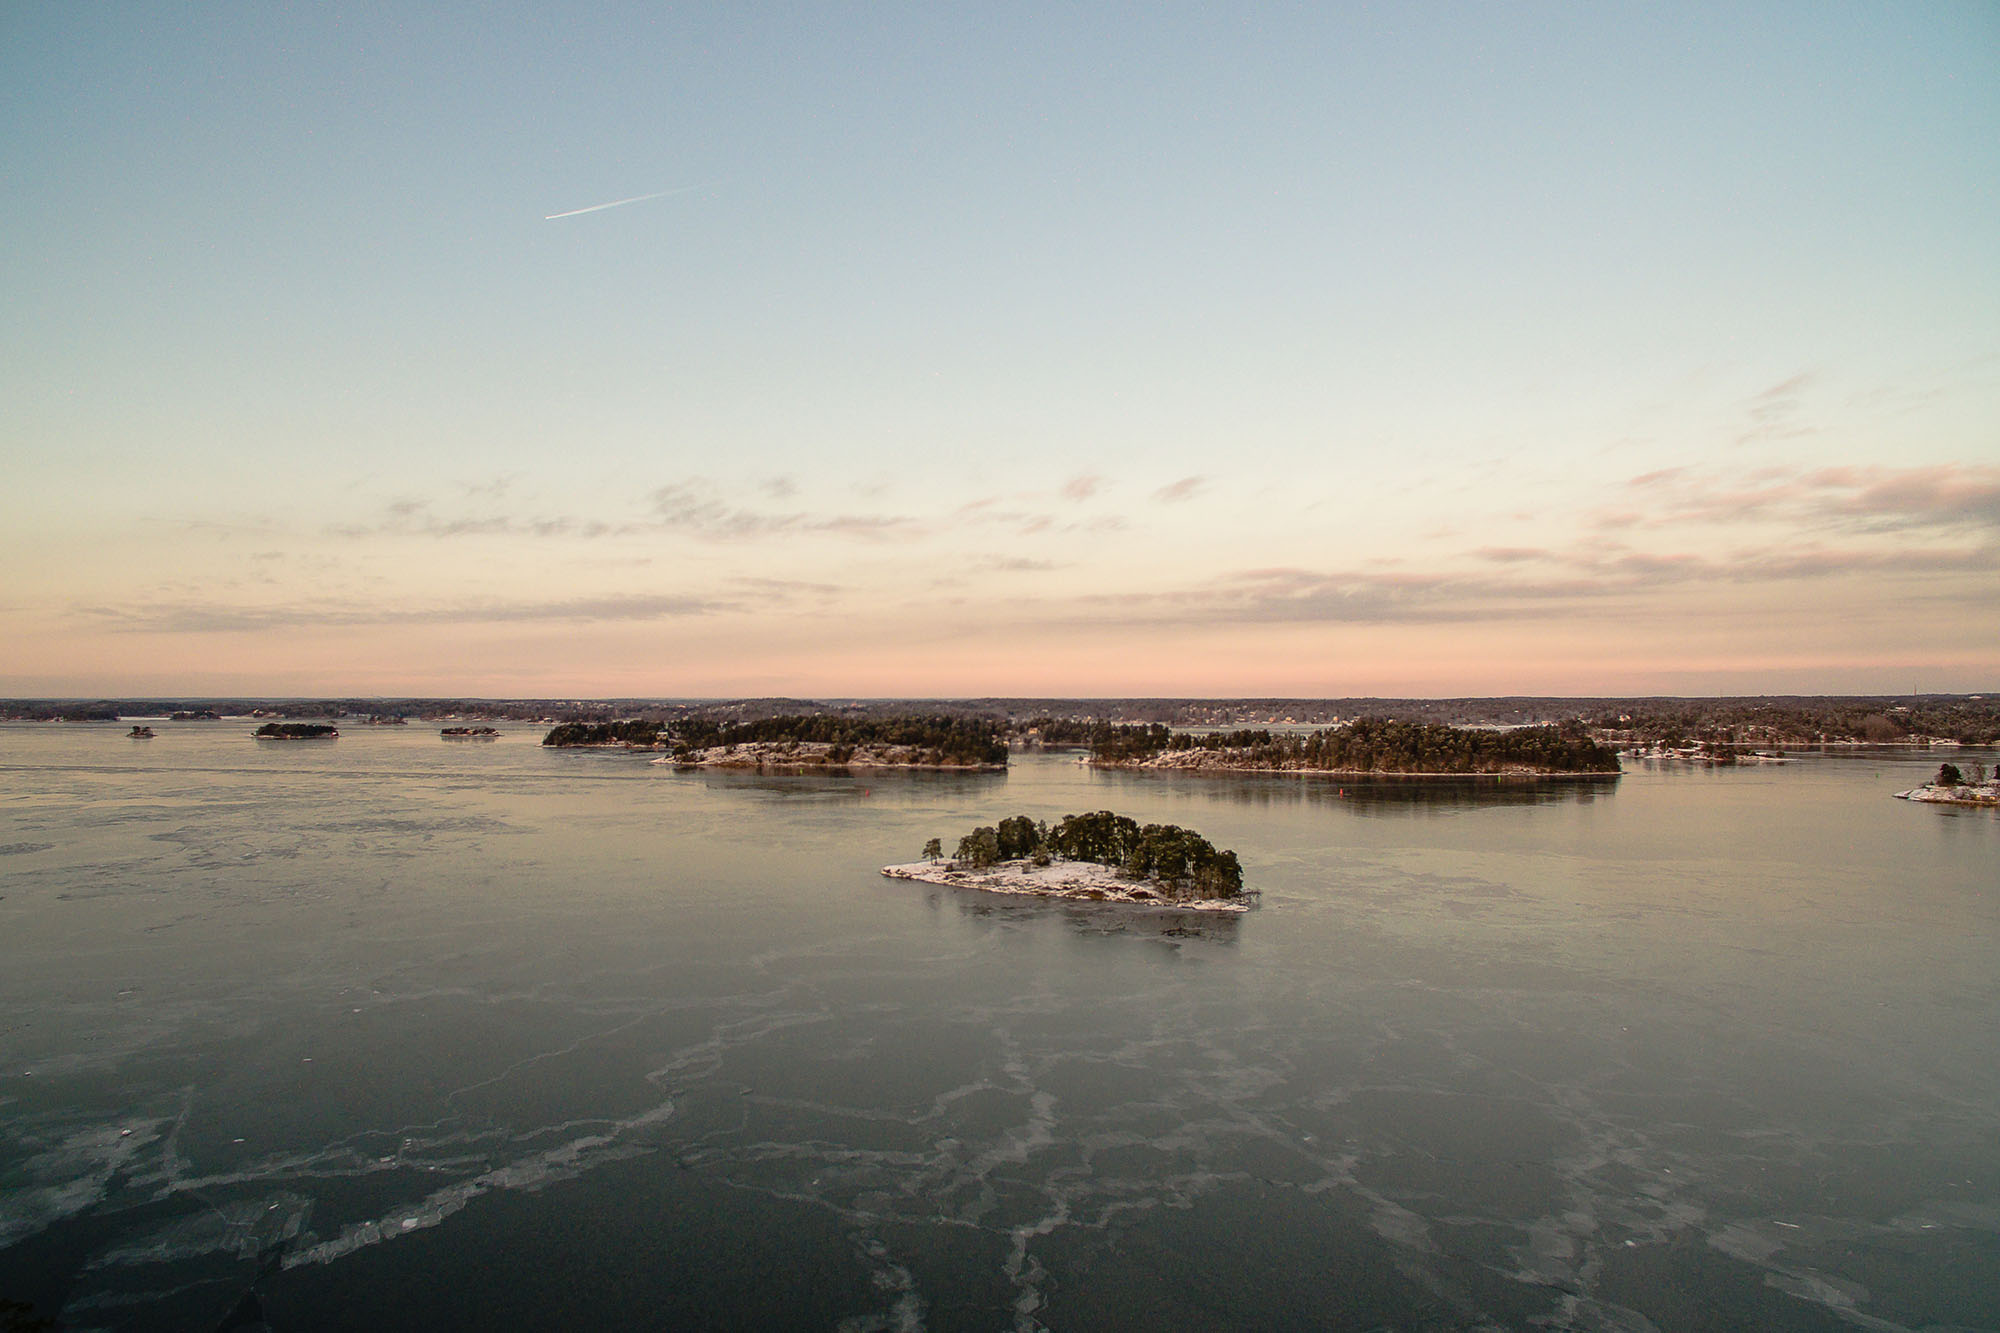 Flygfoto, Stockholms skärgård